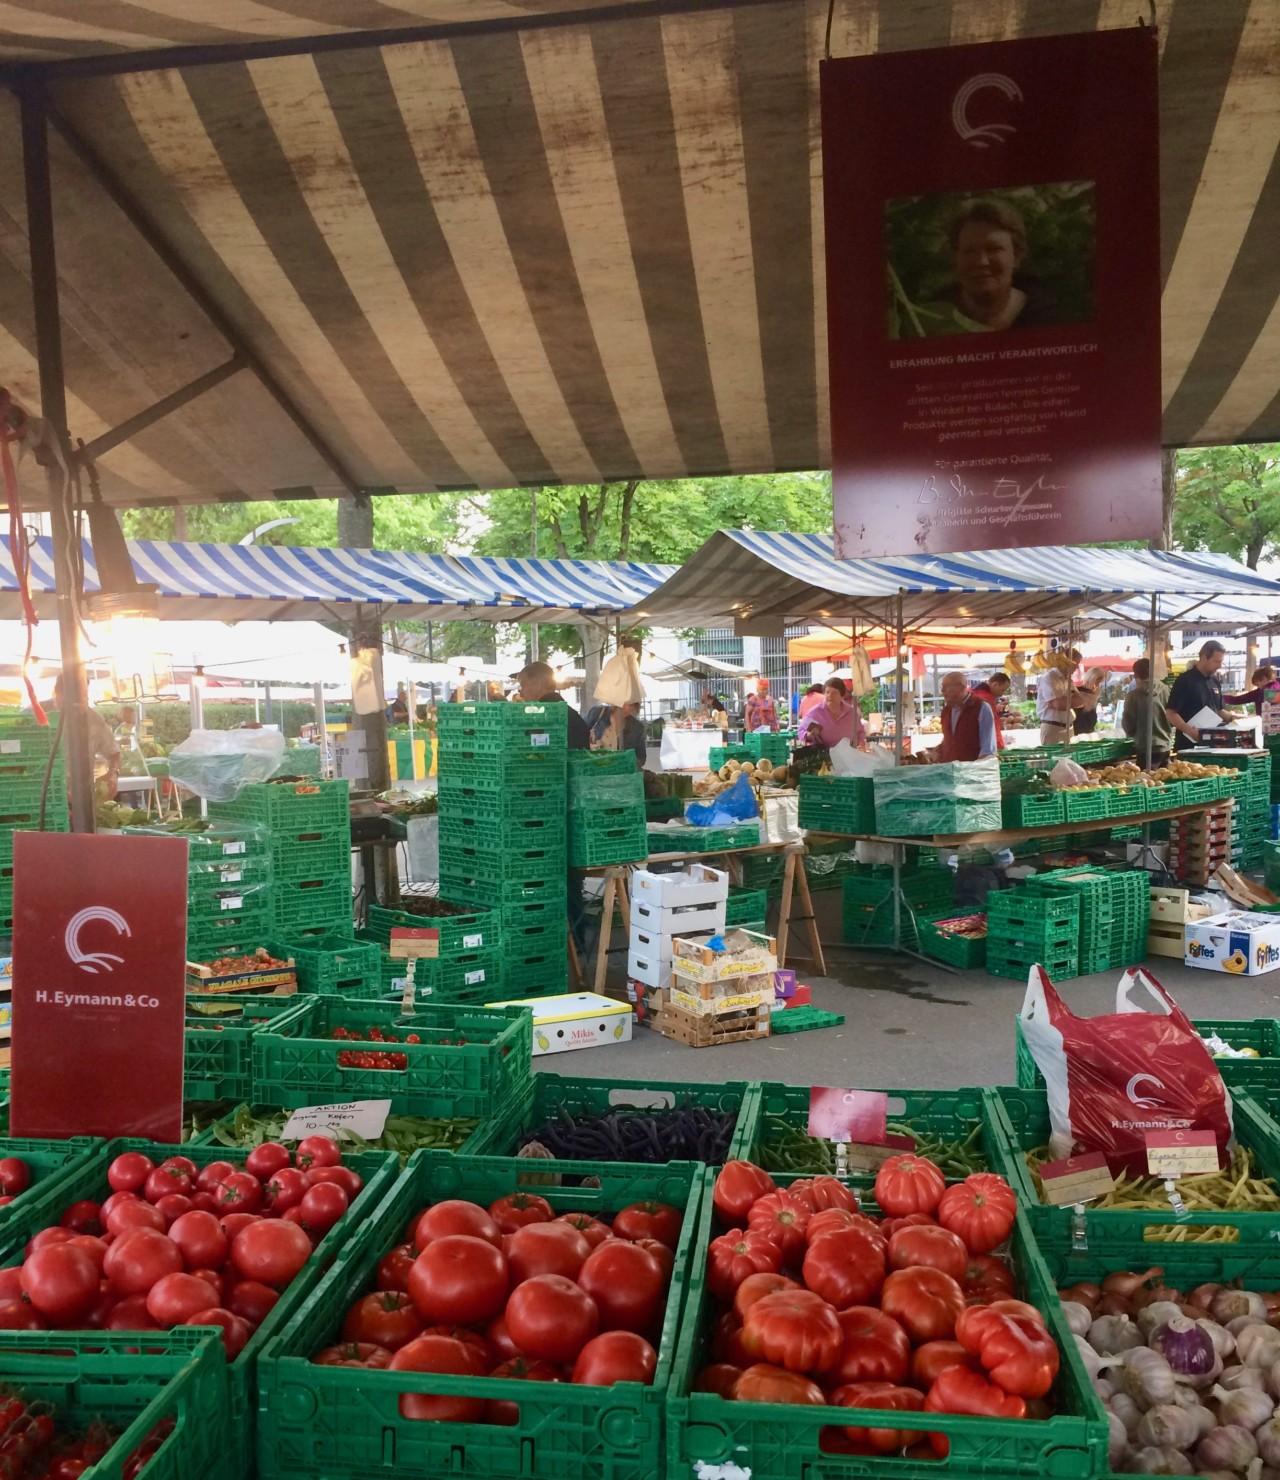 Einer meiner Lieblingsorte, der Bürkliplatz Wochenmarkt. An diesem Stand wird nur eigens angebautes Gemüse verkauft, und die Marktfahrerinnen sind unglaublich grosszügig. Foto: Lunchgate/Anna